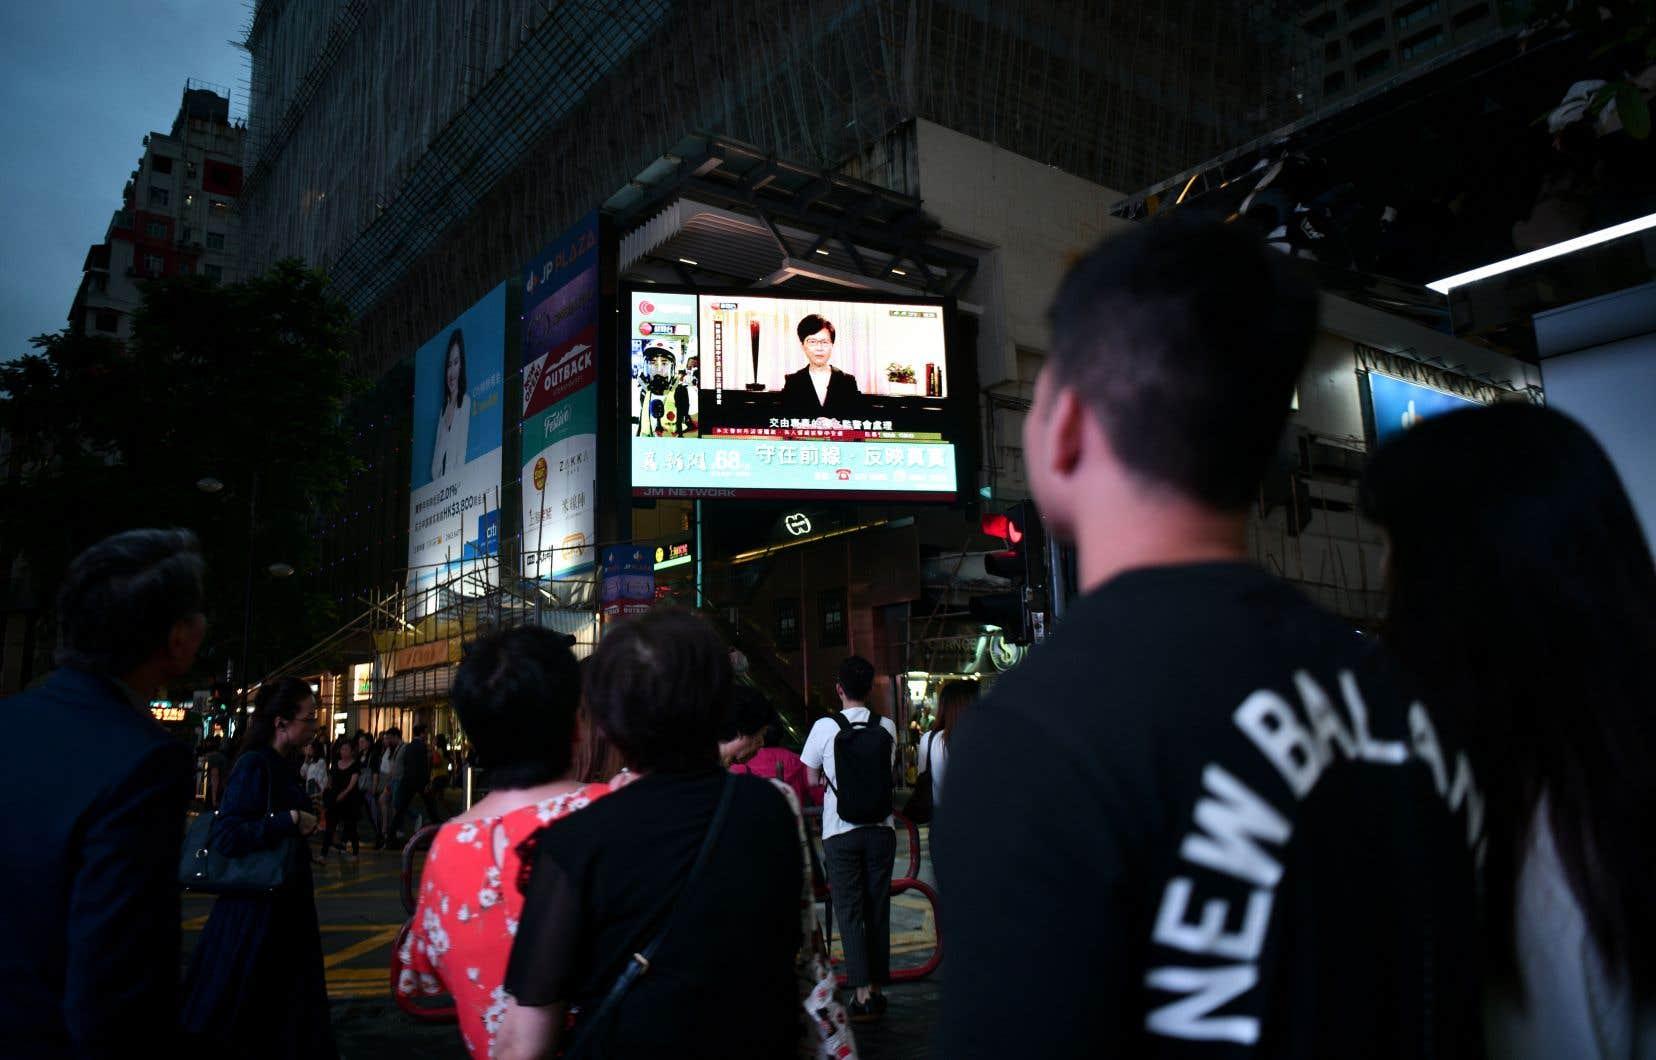 Dans une vidéo diffusée mercredi, Carie Lam s'est montrée un peu plus conciliante que d'ordinaire en annonçant que son «gouvernement [allait retirer] officiellement le projet de loi afin de complètement apaiser les inquiétudes de la population».